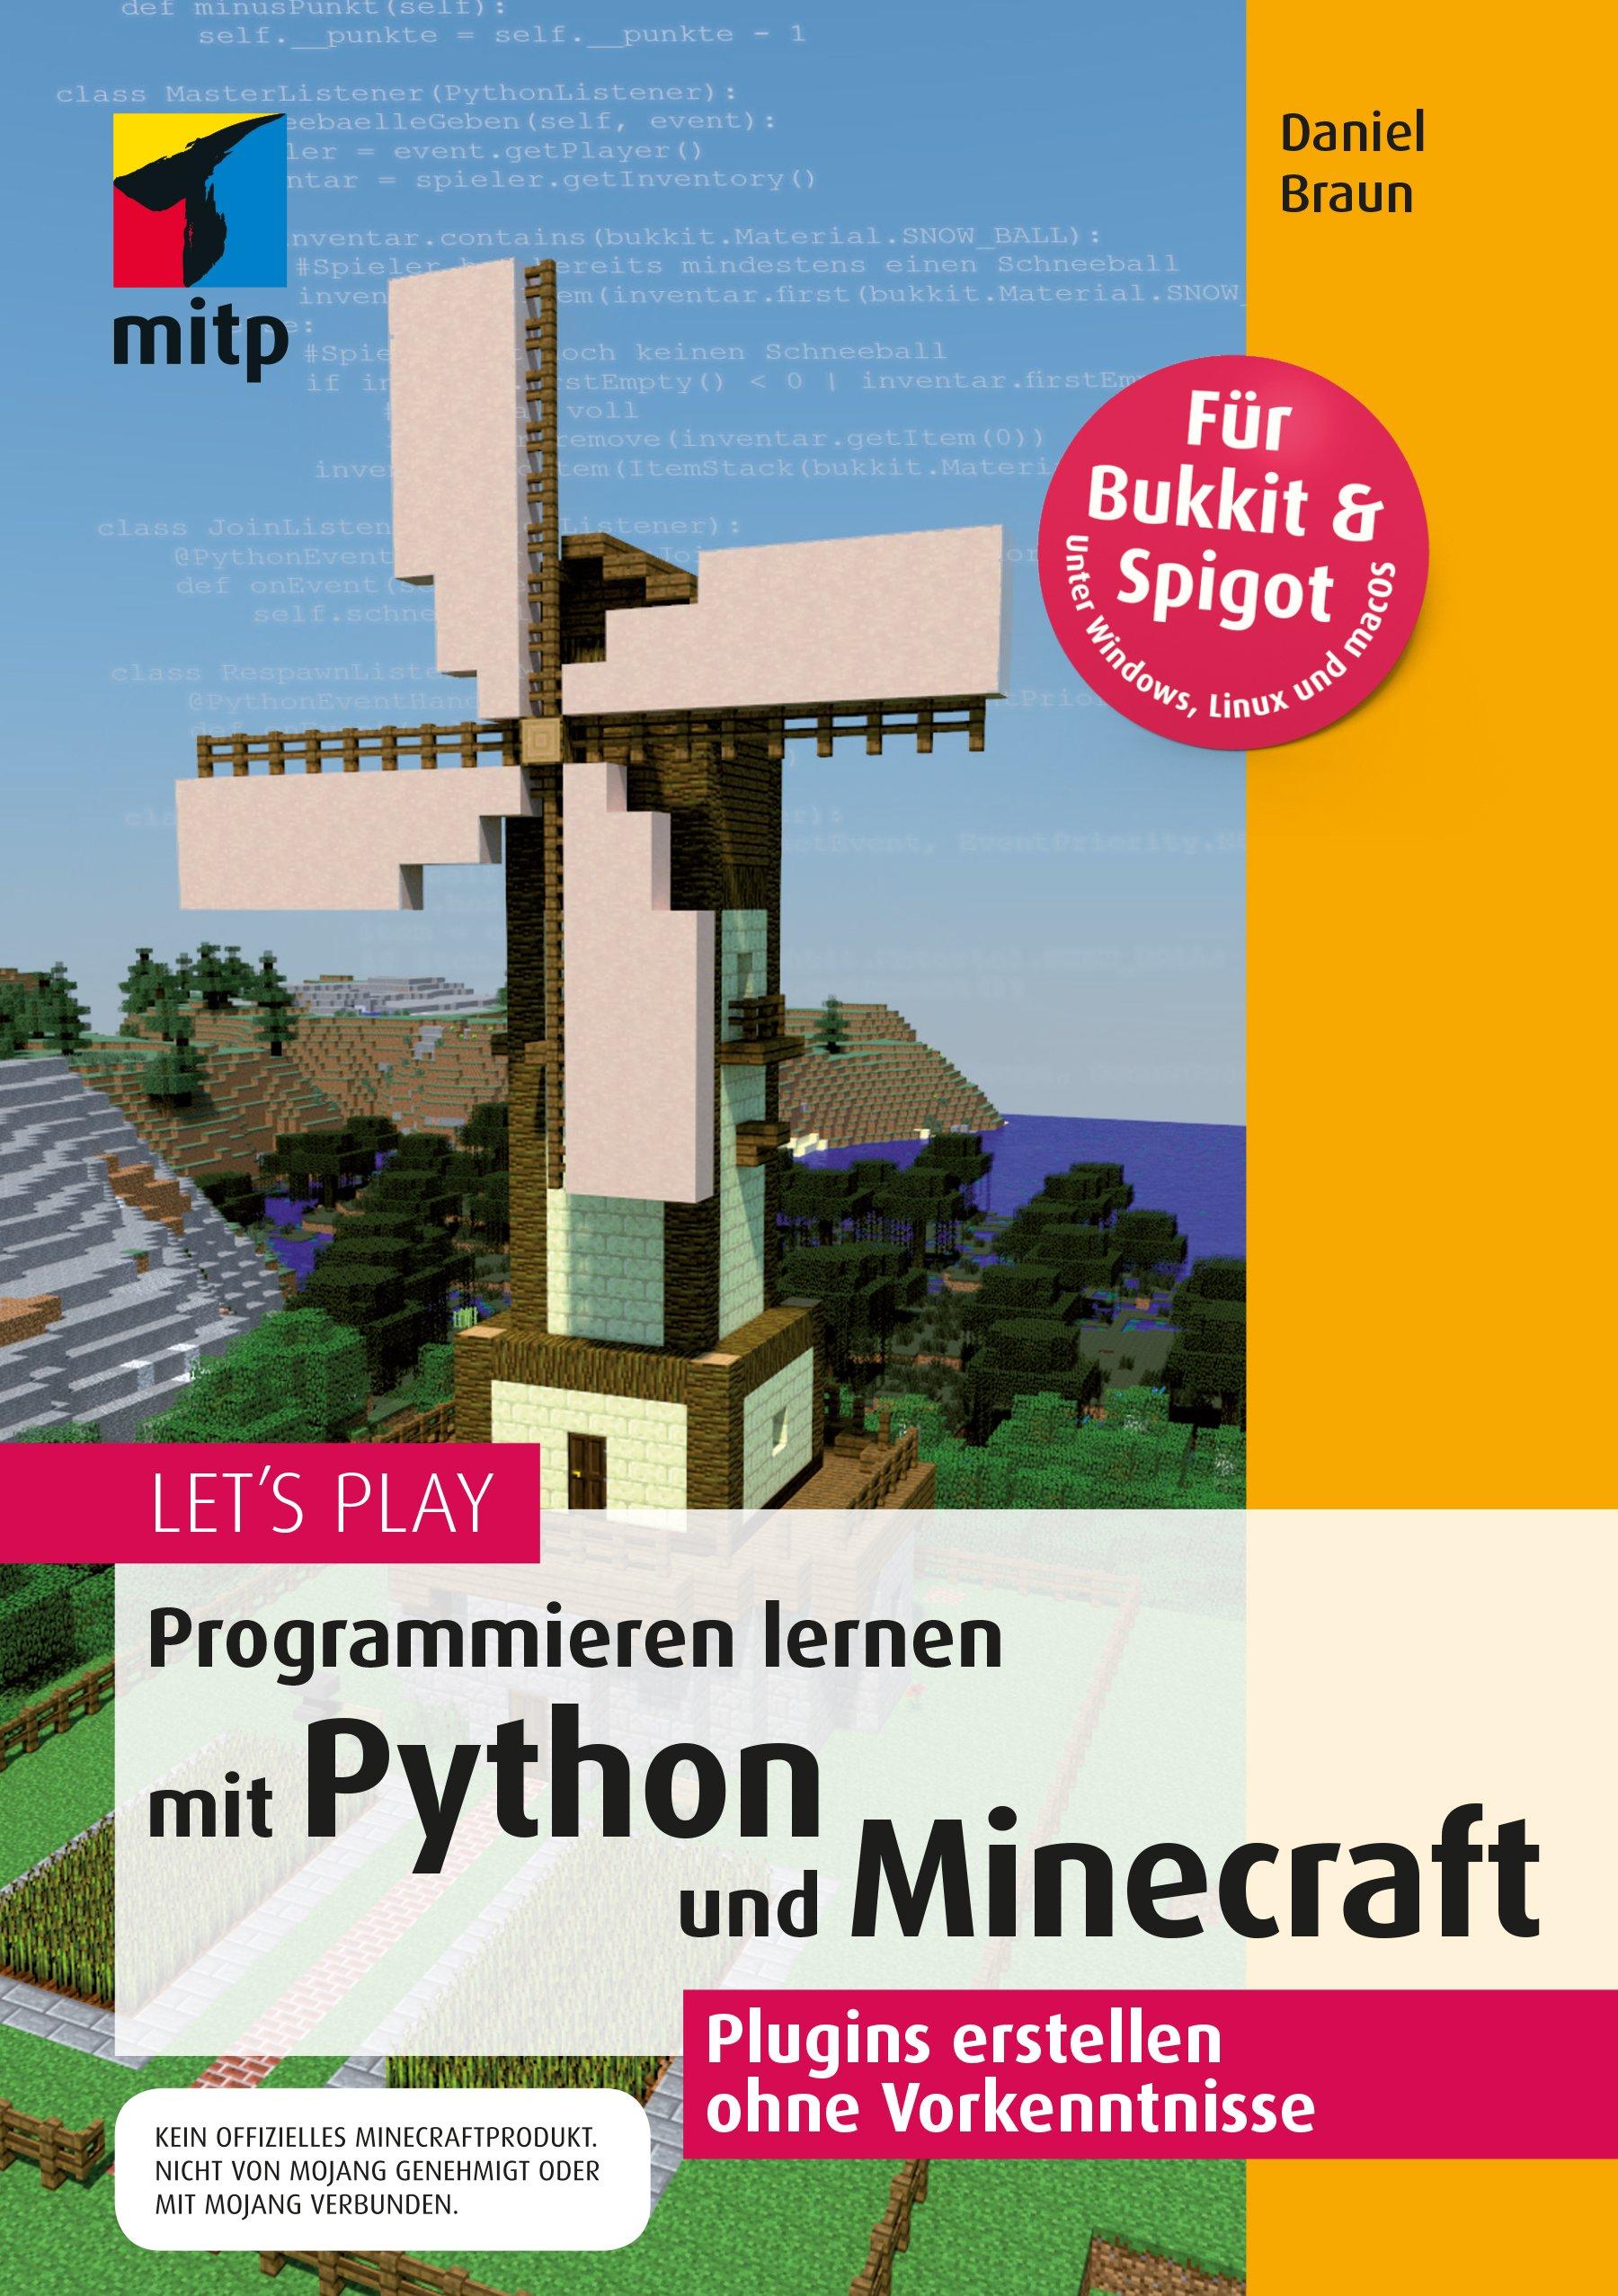 let-s-play-programmieren-lernen-mit-python-und-minecraft-plugins-erstellen-ohne-vorkenntnisse-mitp-anwendung-mitp-anwendungen